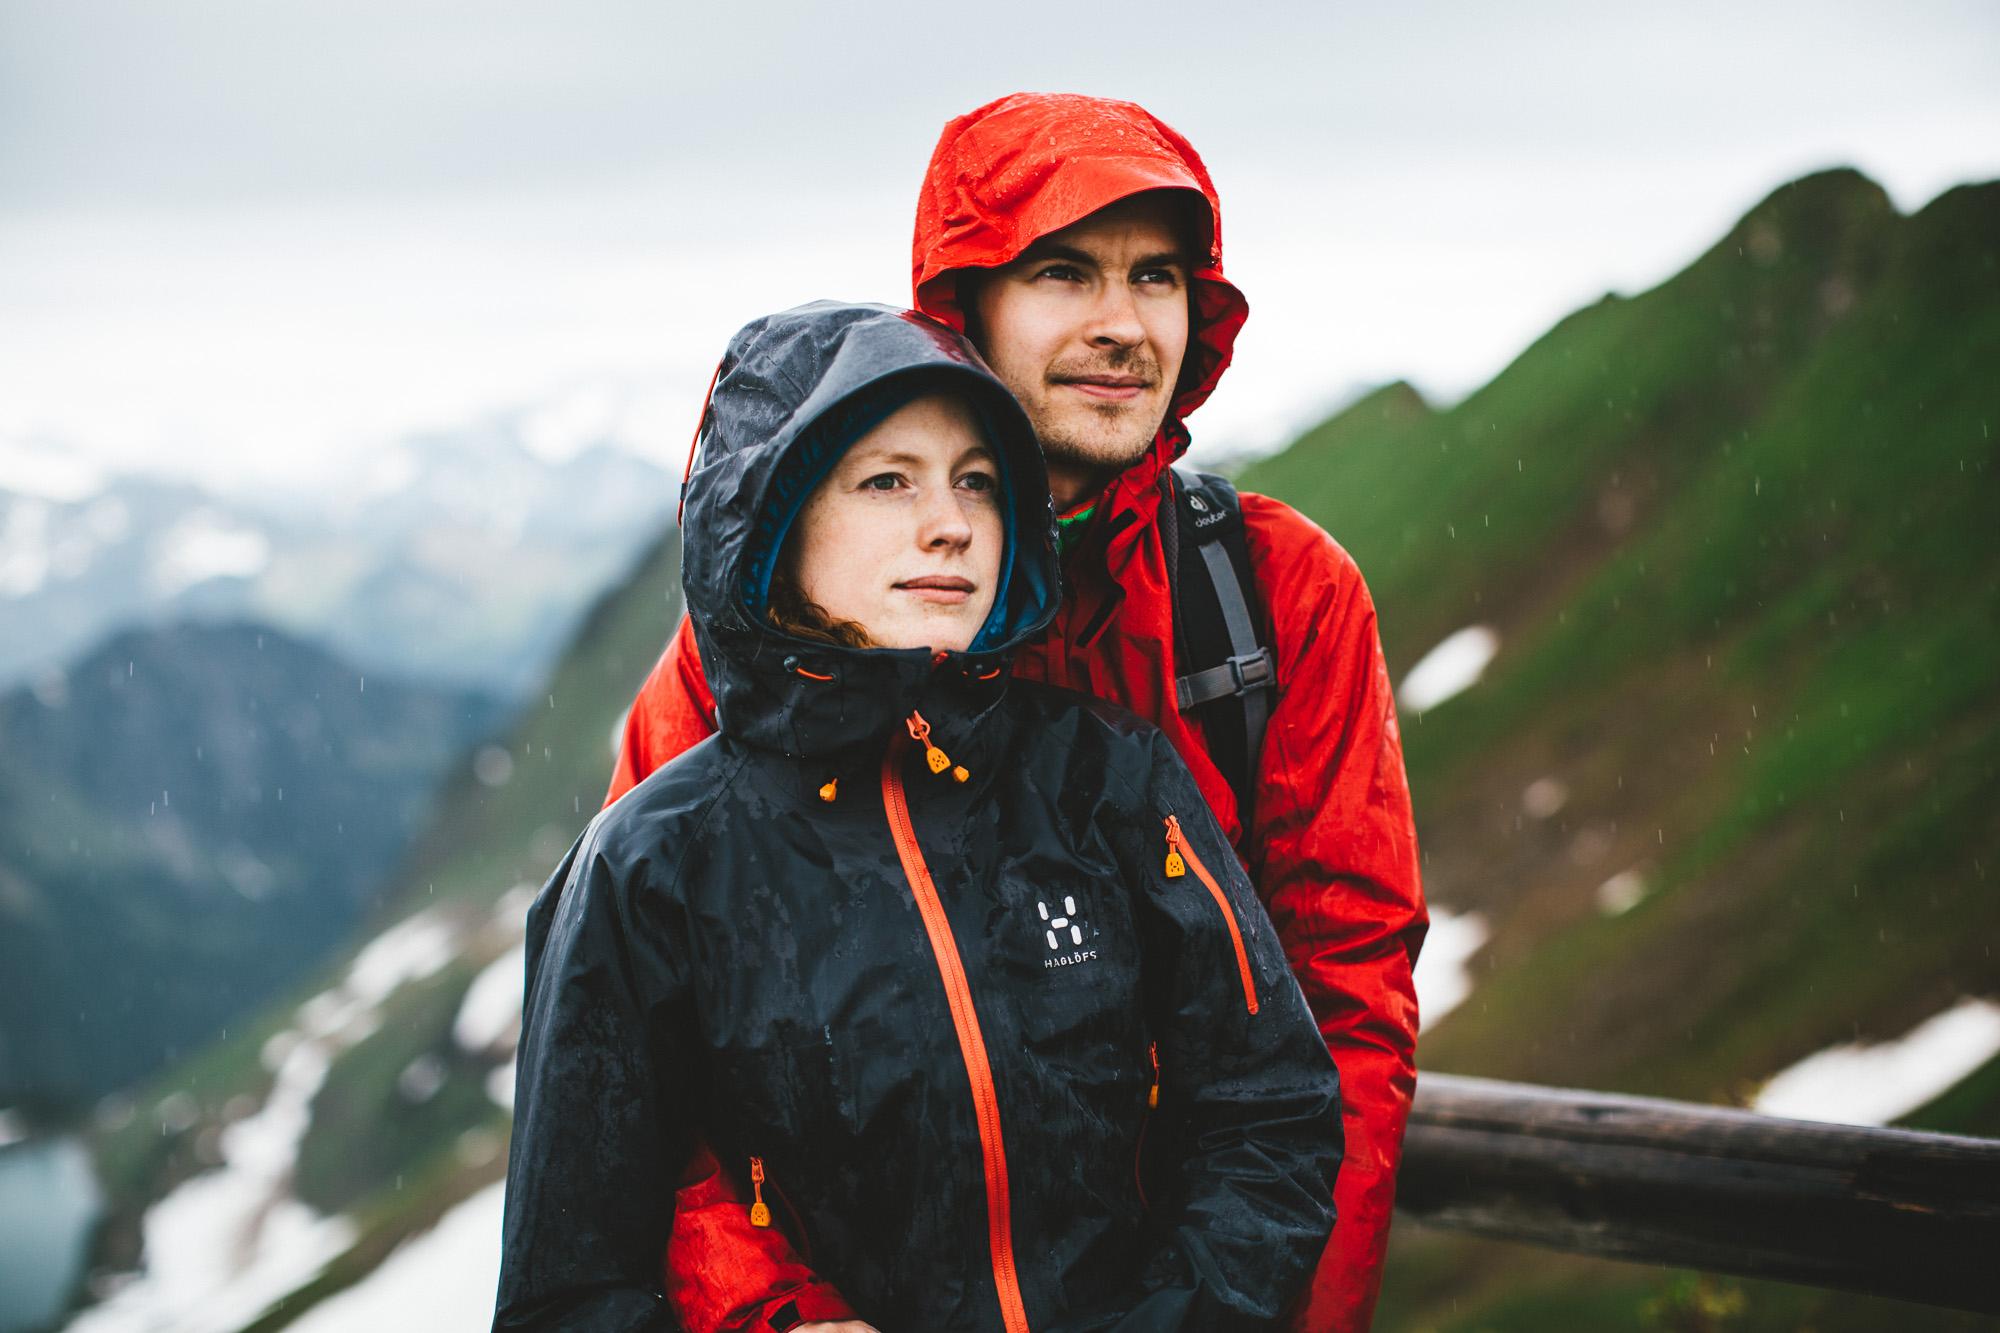 svea und keve 009 - Nur zu zweit in den Bergen